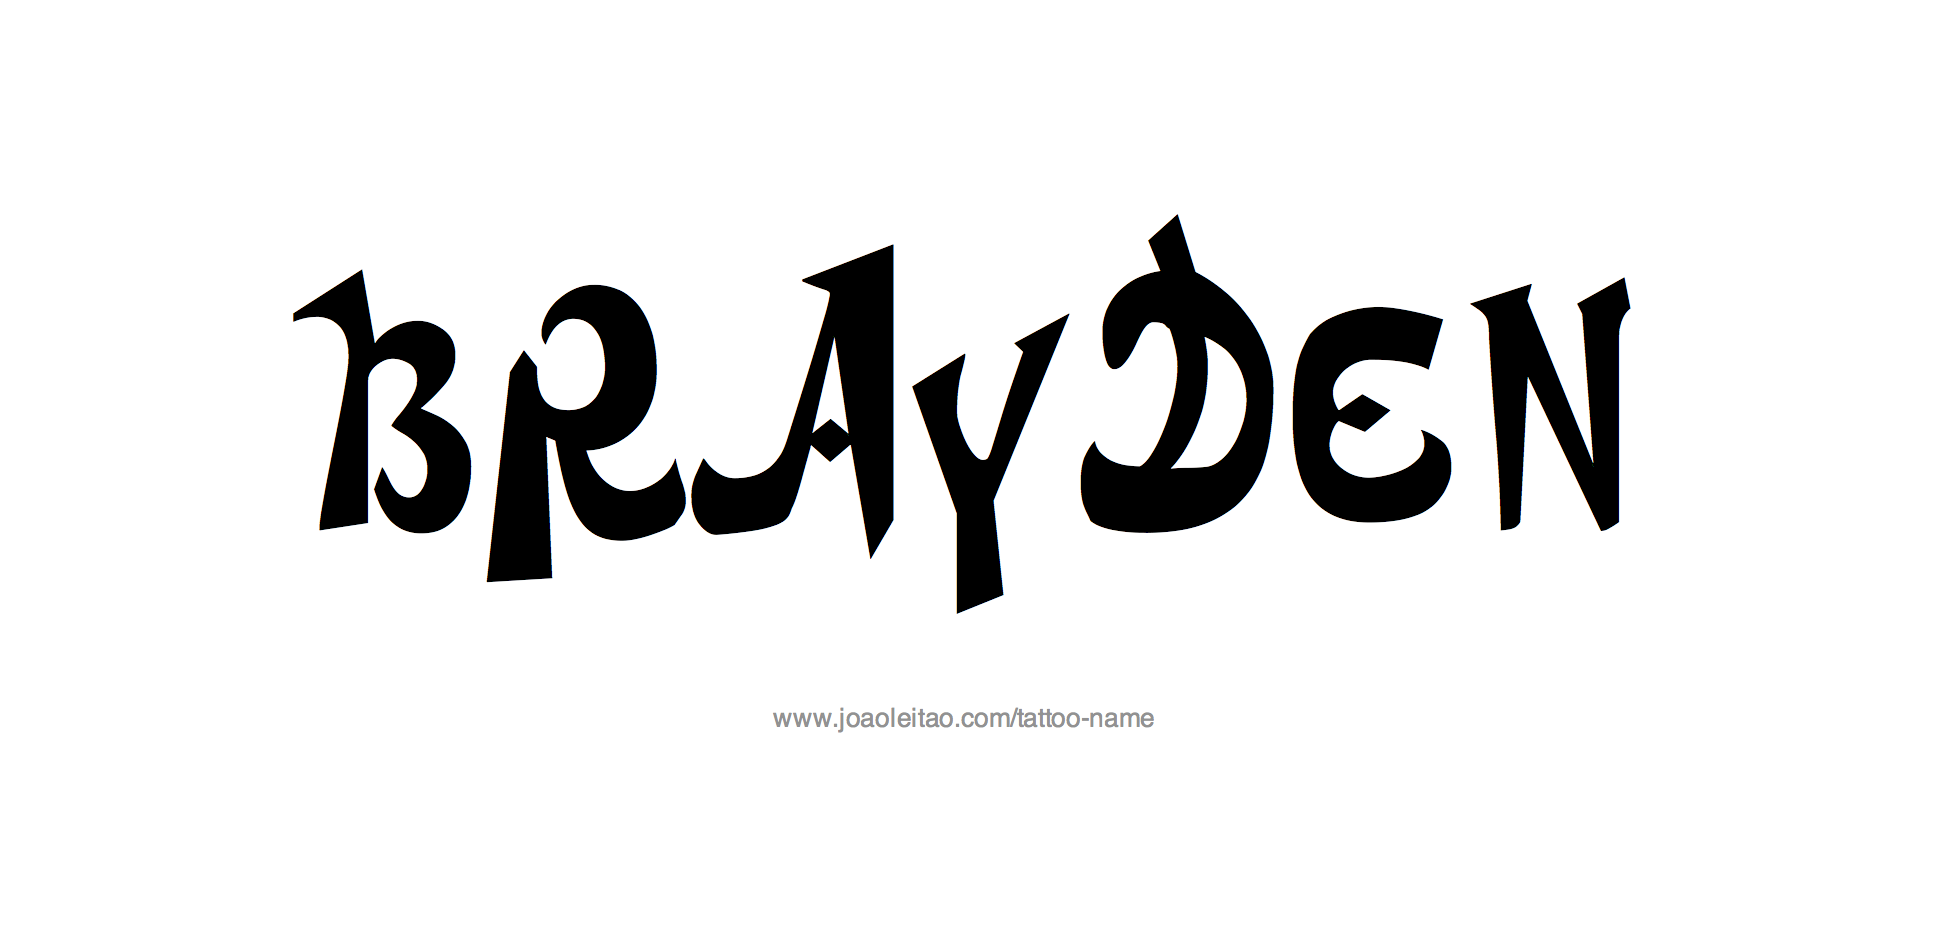 Tattoo Design Name Brayden